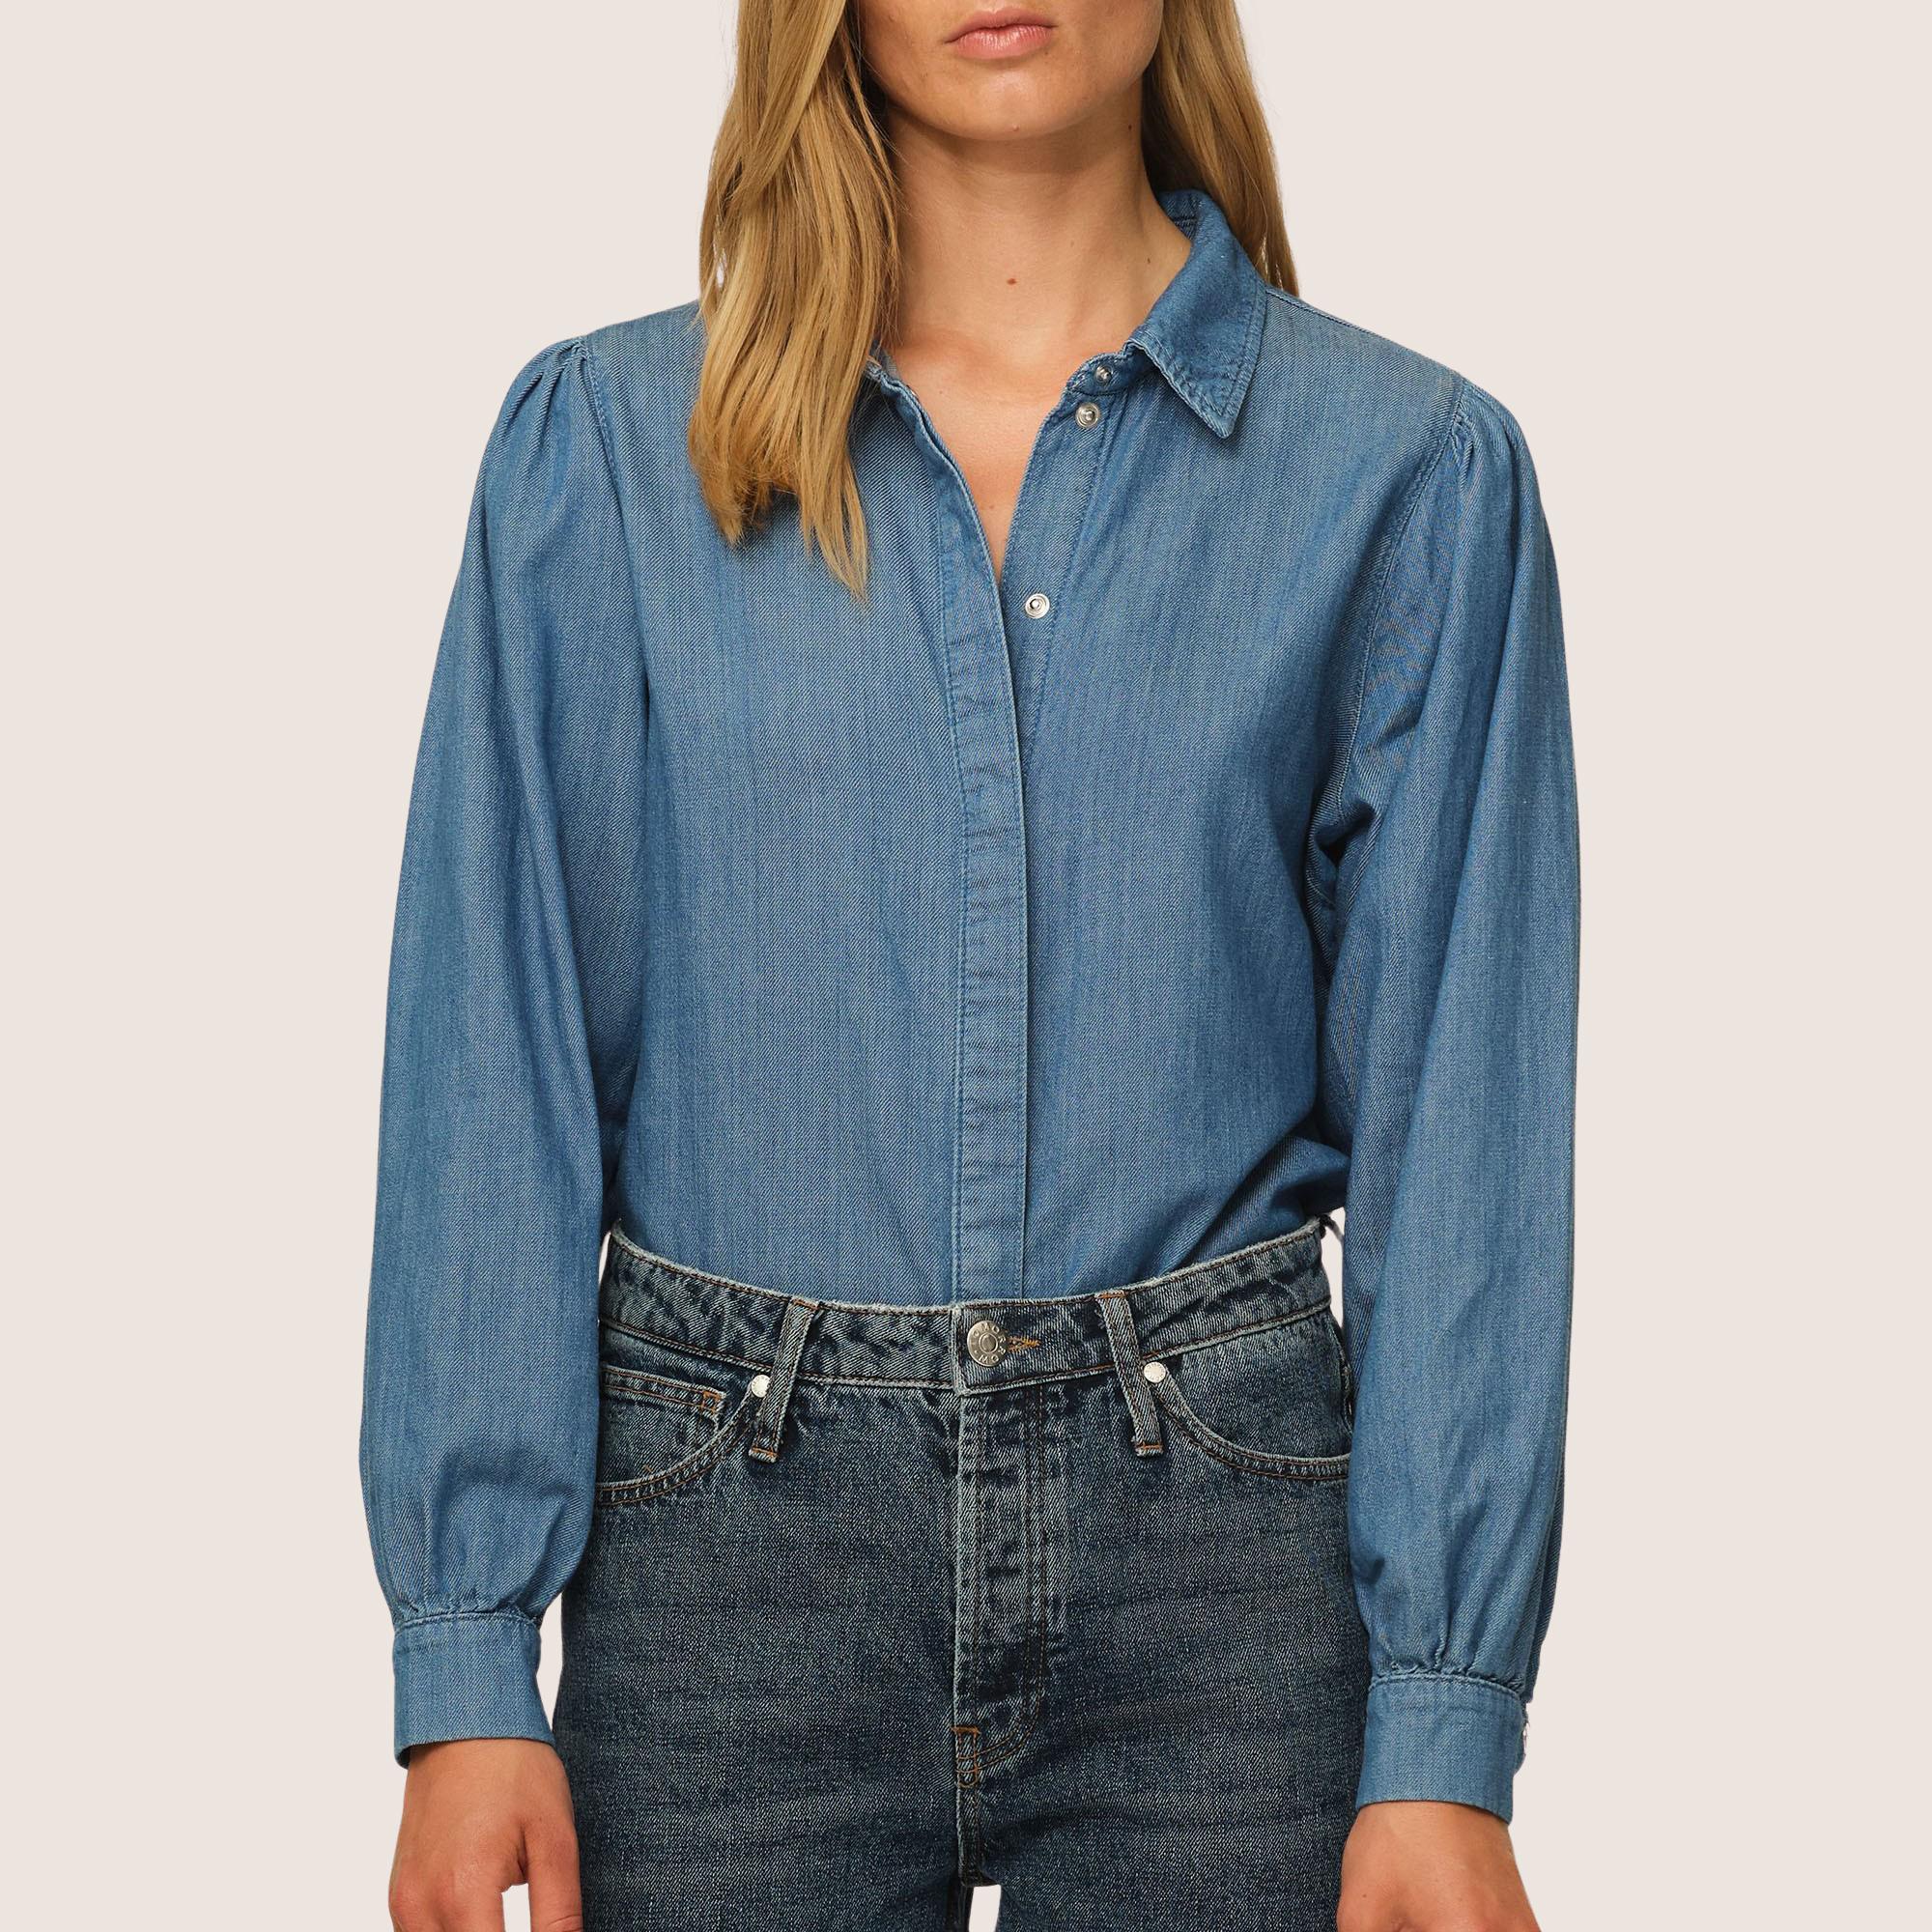 Hepburn 70's Shirt